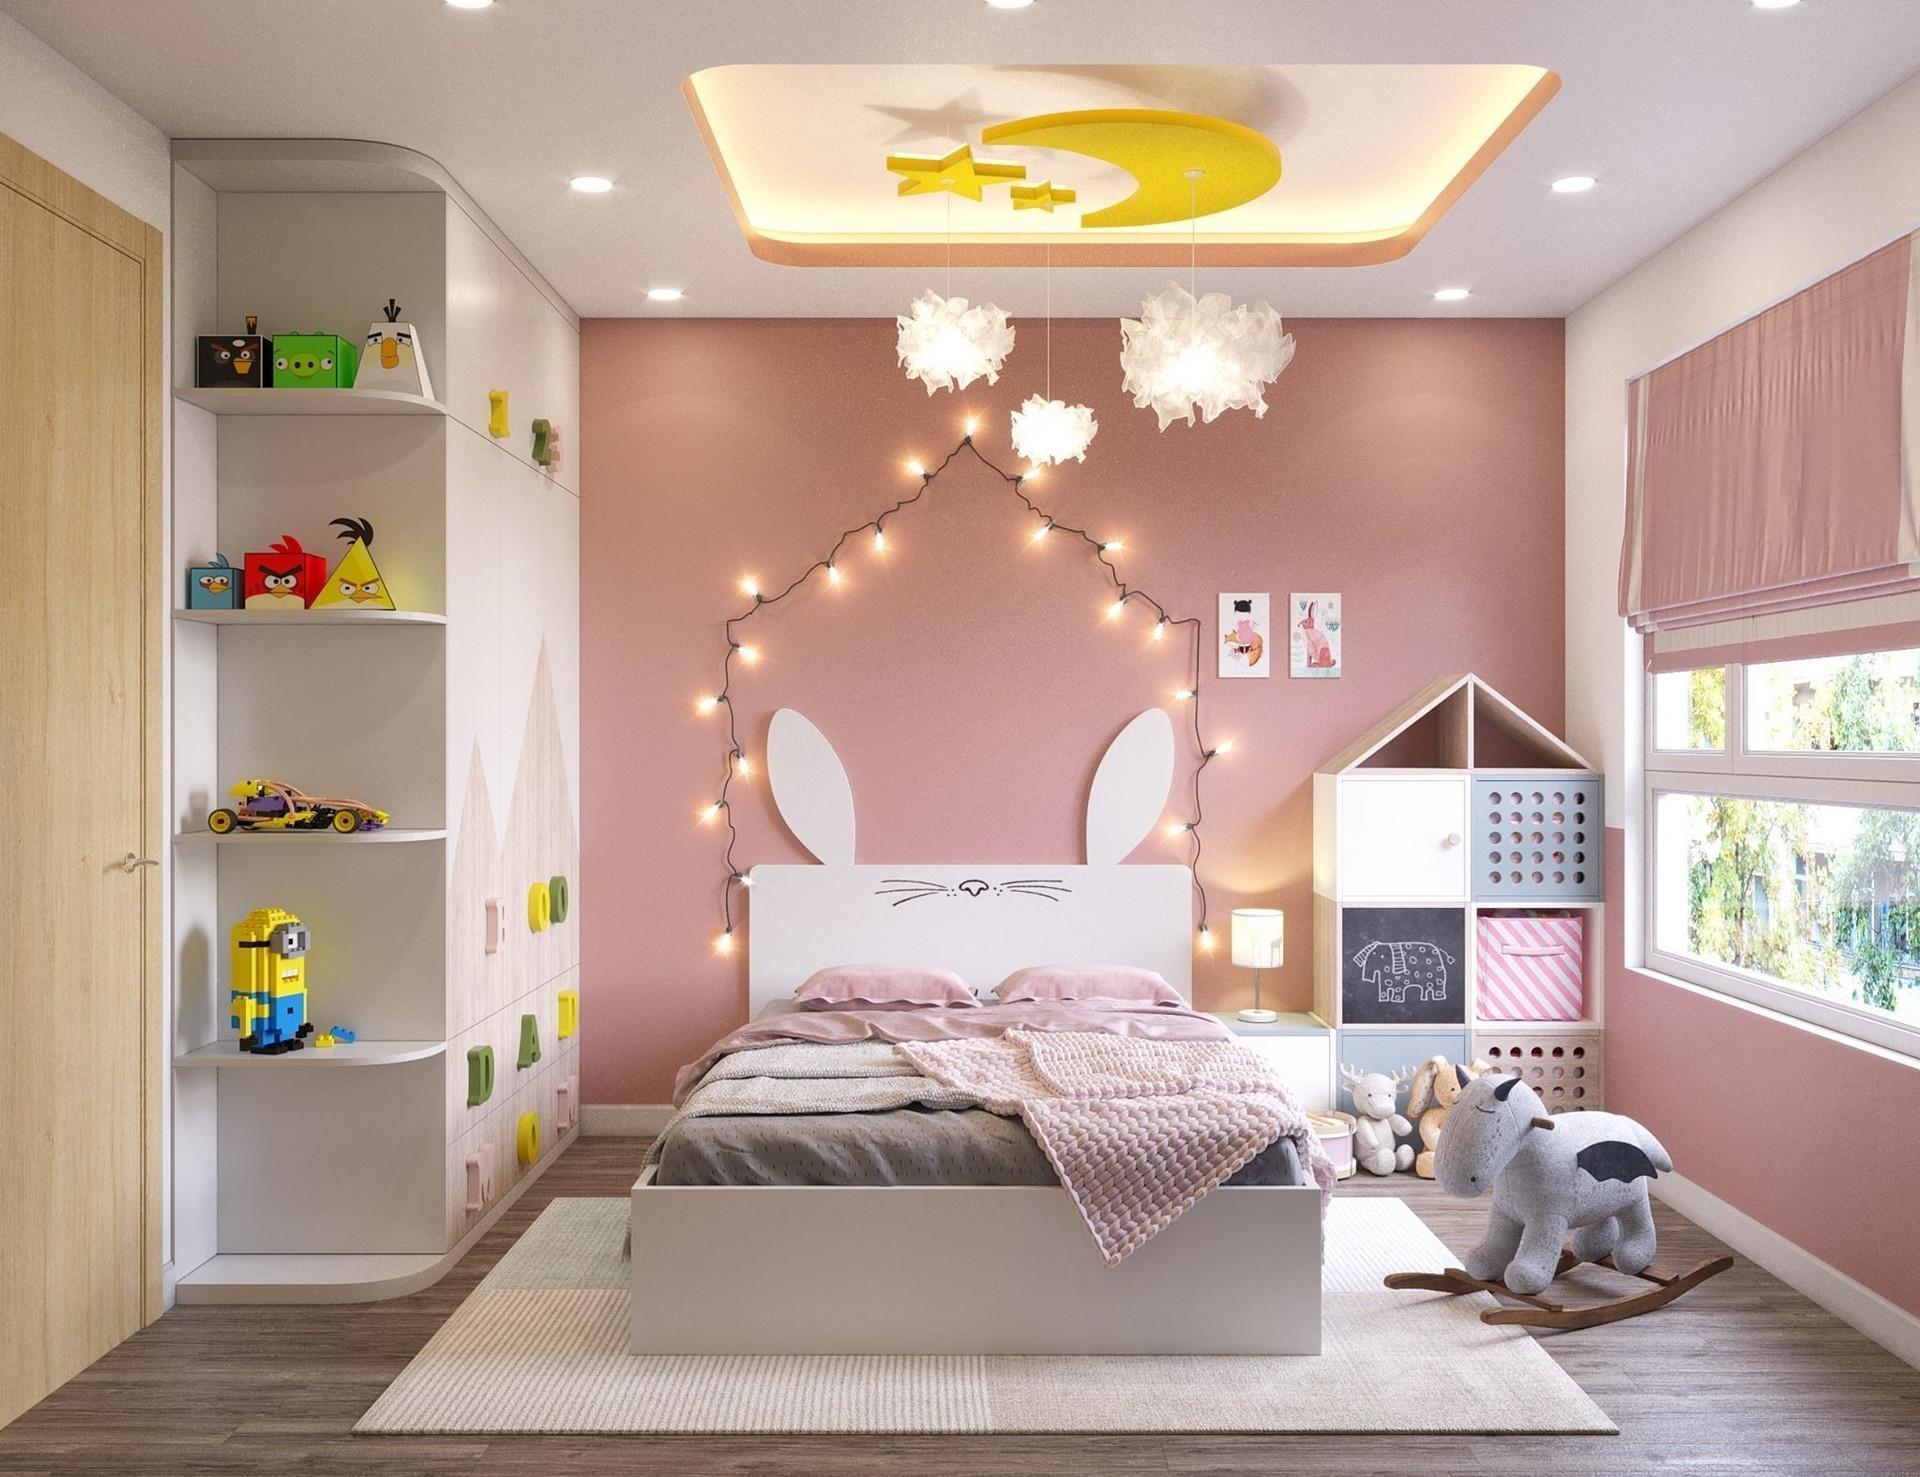 kids-bedroom-3d-model-3d-model-max-bip.j